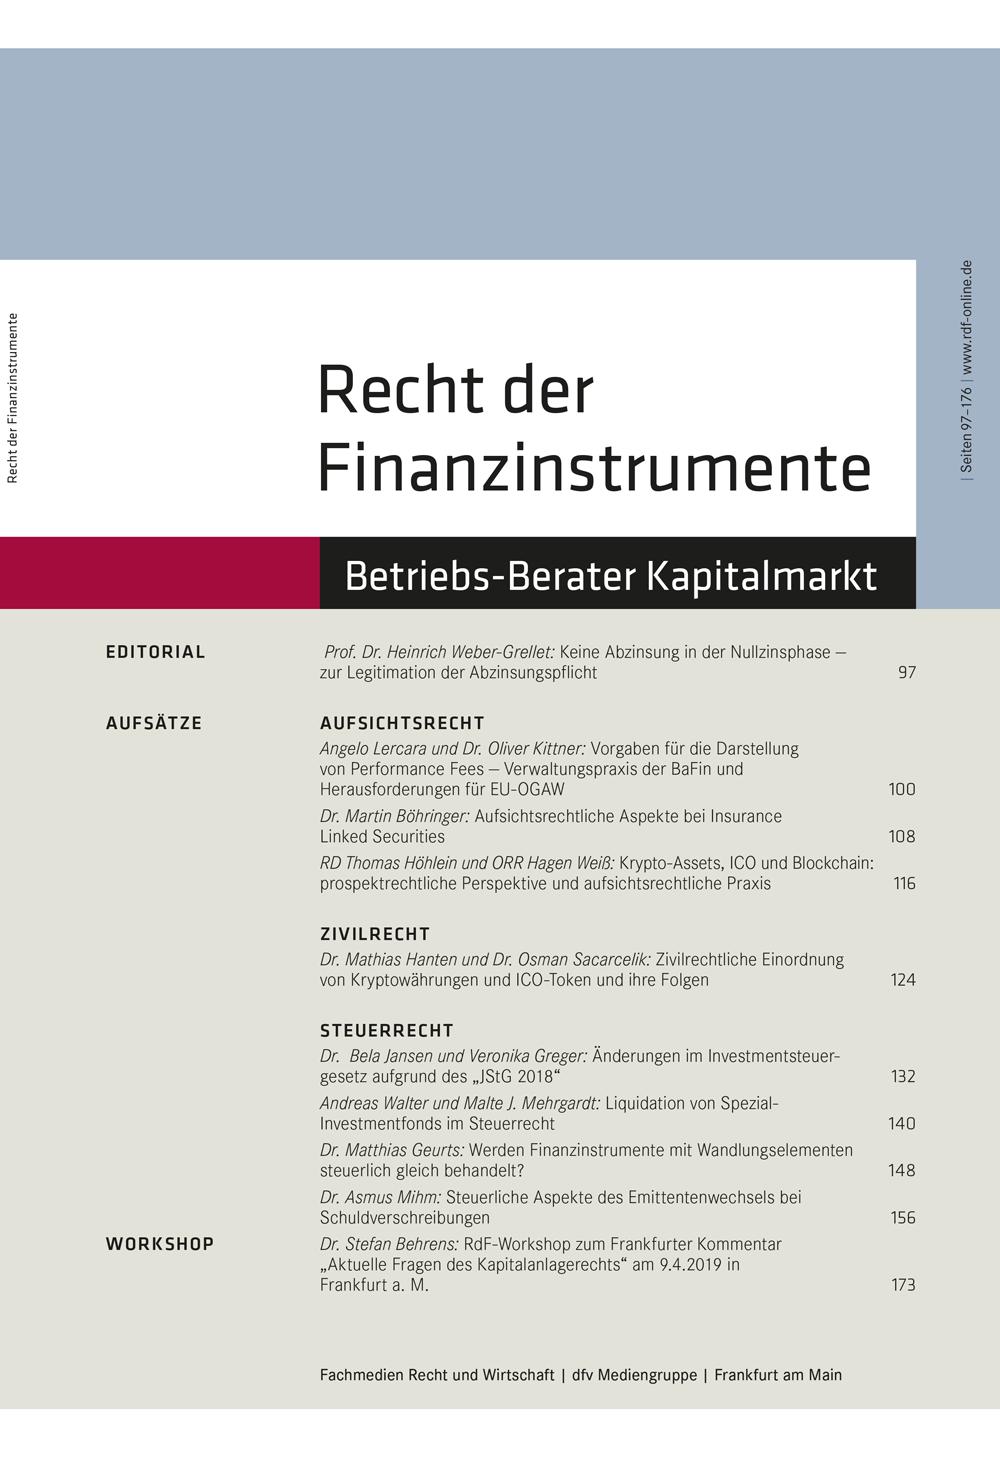 Recht der Finanzinstrumente